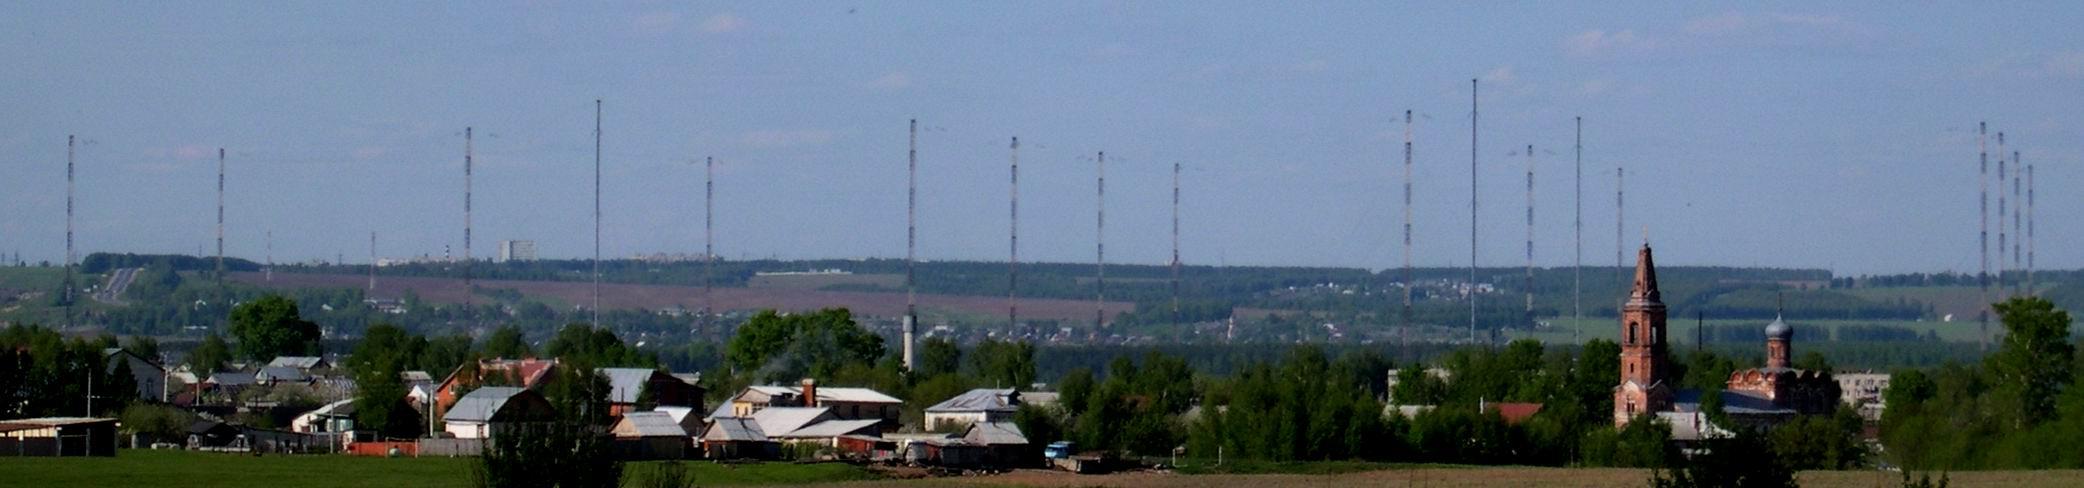 Идеи использования энергии радиоволн  RUQRZCOM  сайт